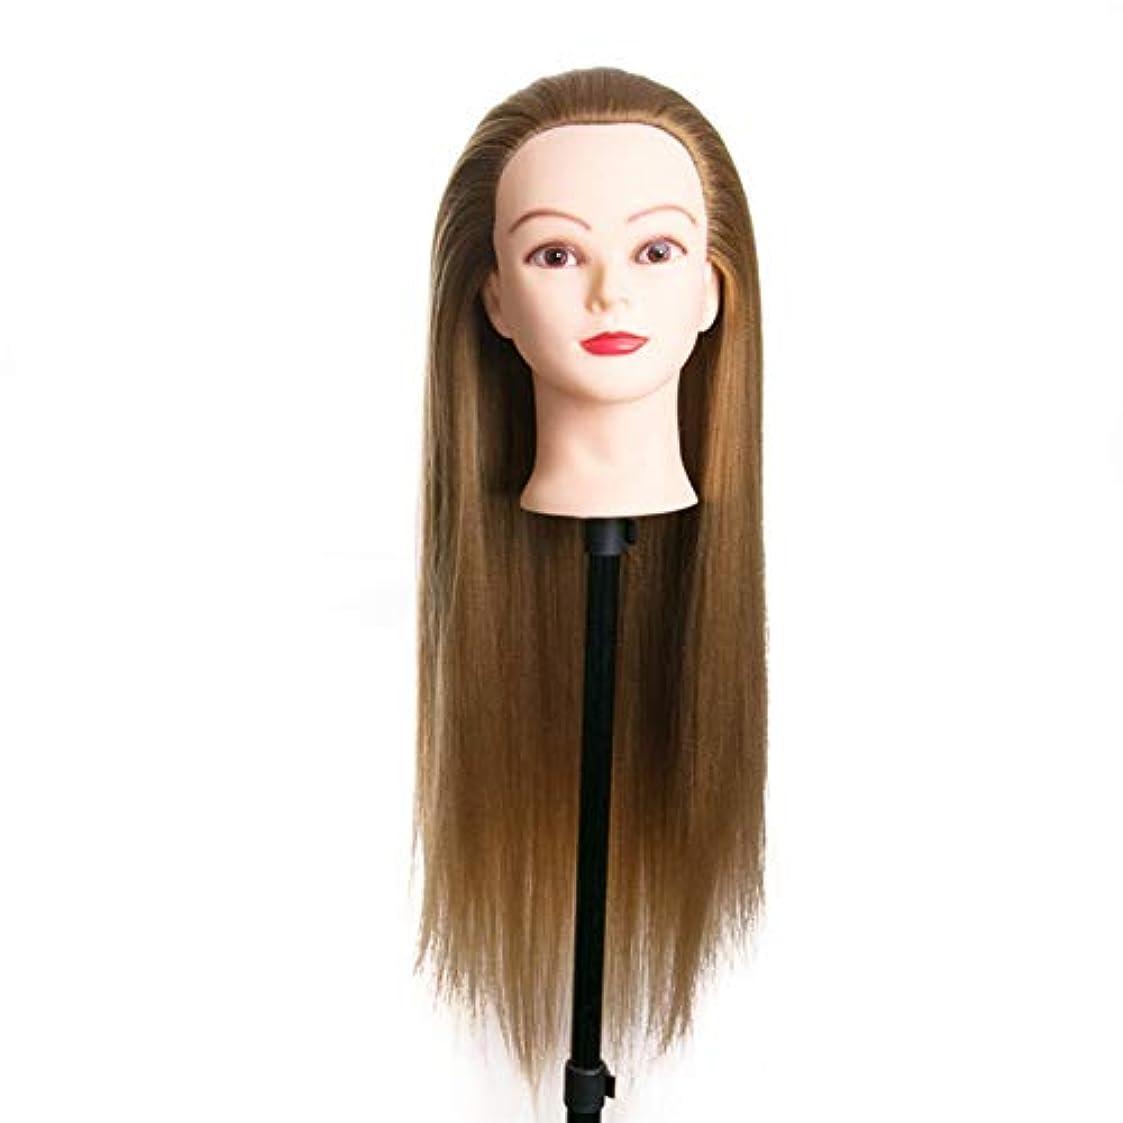 アンソロジー世界に死んだアンプメイクアップディスクヘアスタイリング編みを教えるダミーヘッド理髪サロンエクササイズヘッド金型ヘアカットトレーニングかつら3個